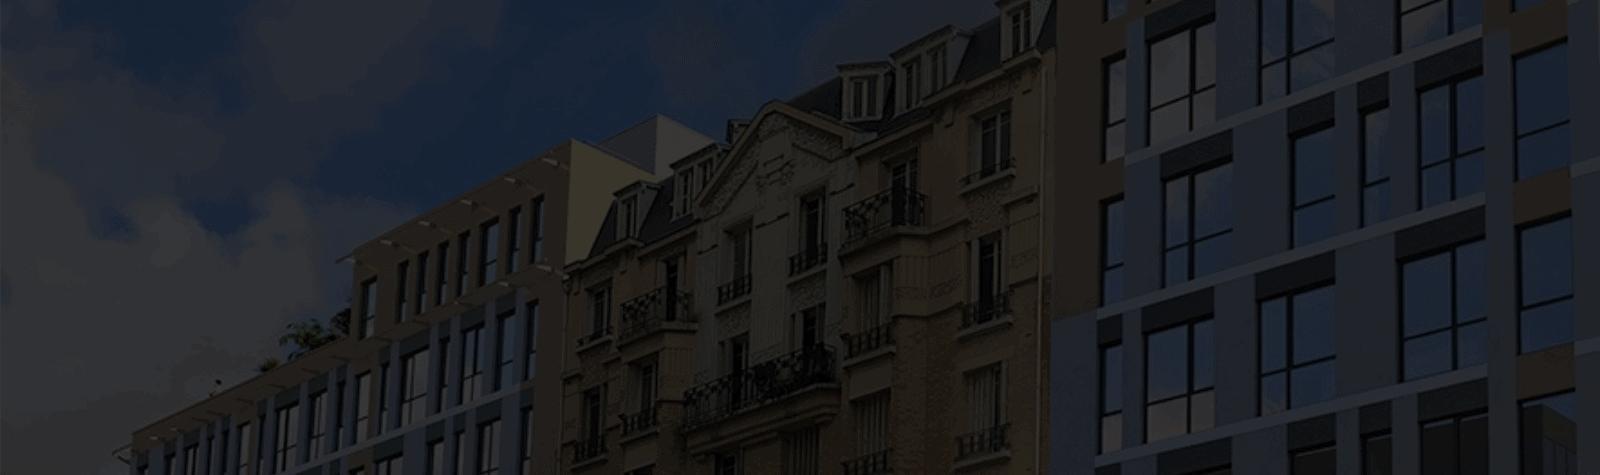 Hemisphere et Herrmann Frères & Fils acquièrent un immeuble d'habitation près de la porte de Clichy